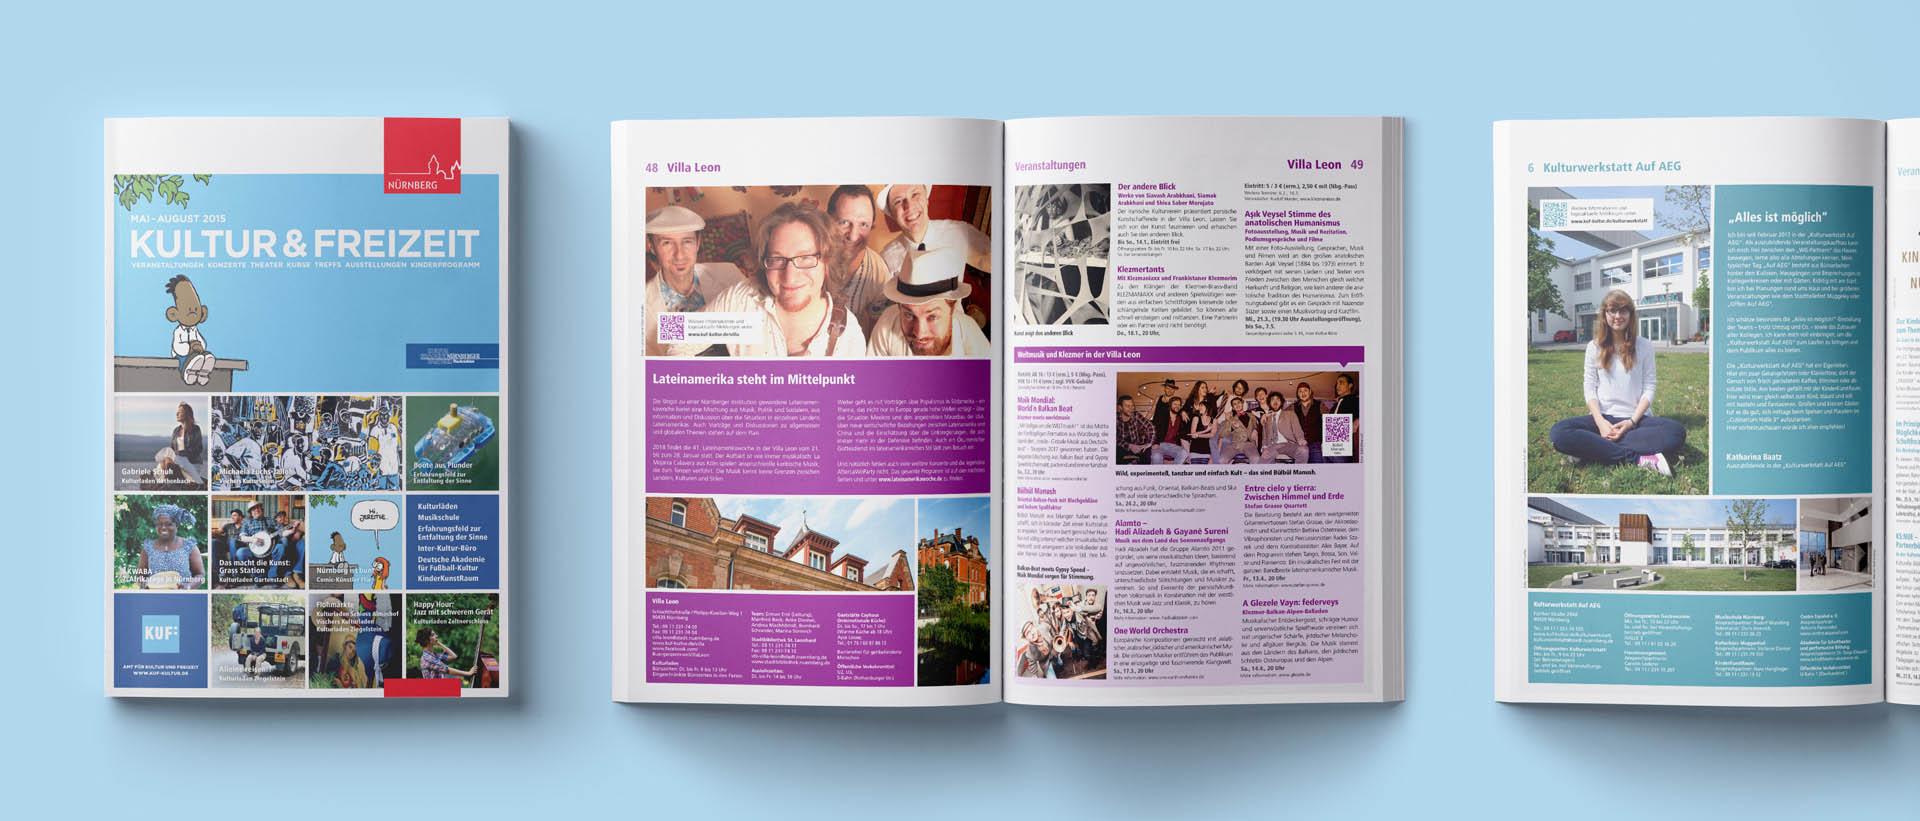 Für das Amt für Kultur und Freizeit der Stadt Nürnberg konzipiert und realisiert REINGOLD das KUF-Magazin.